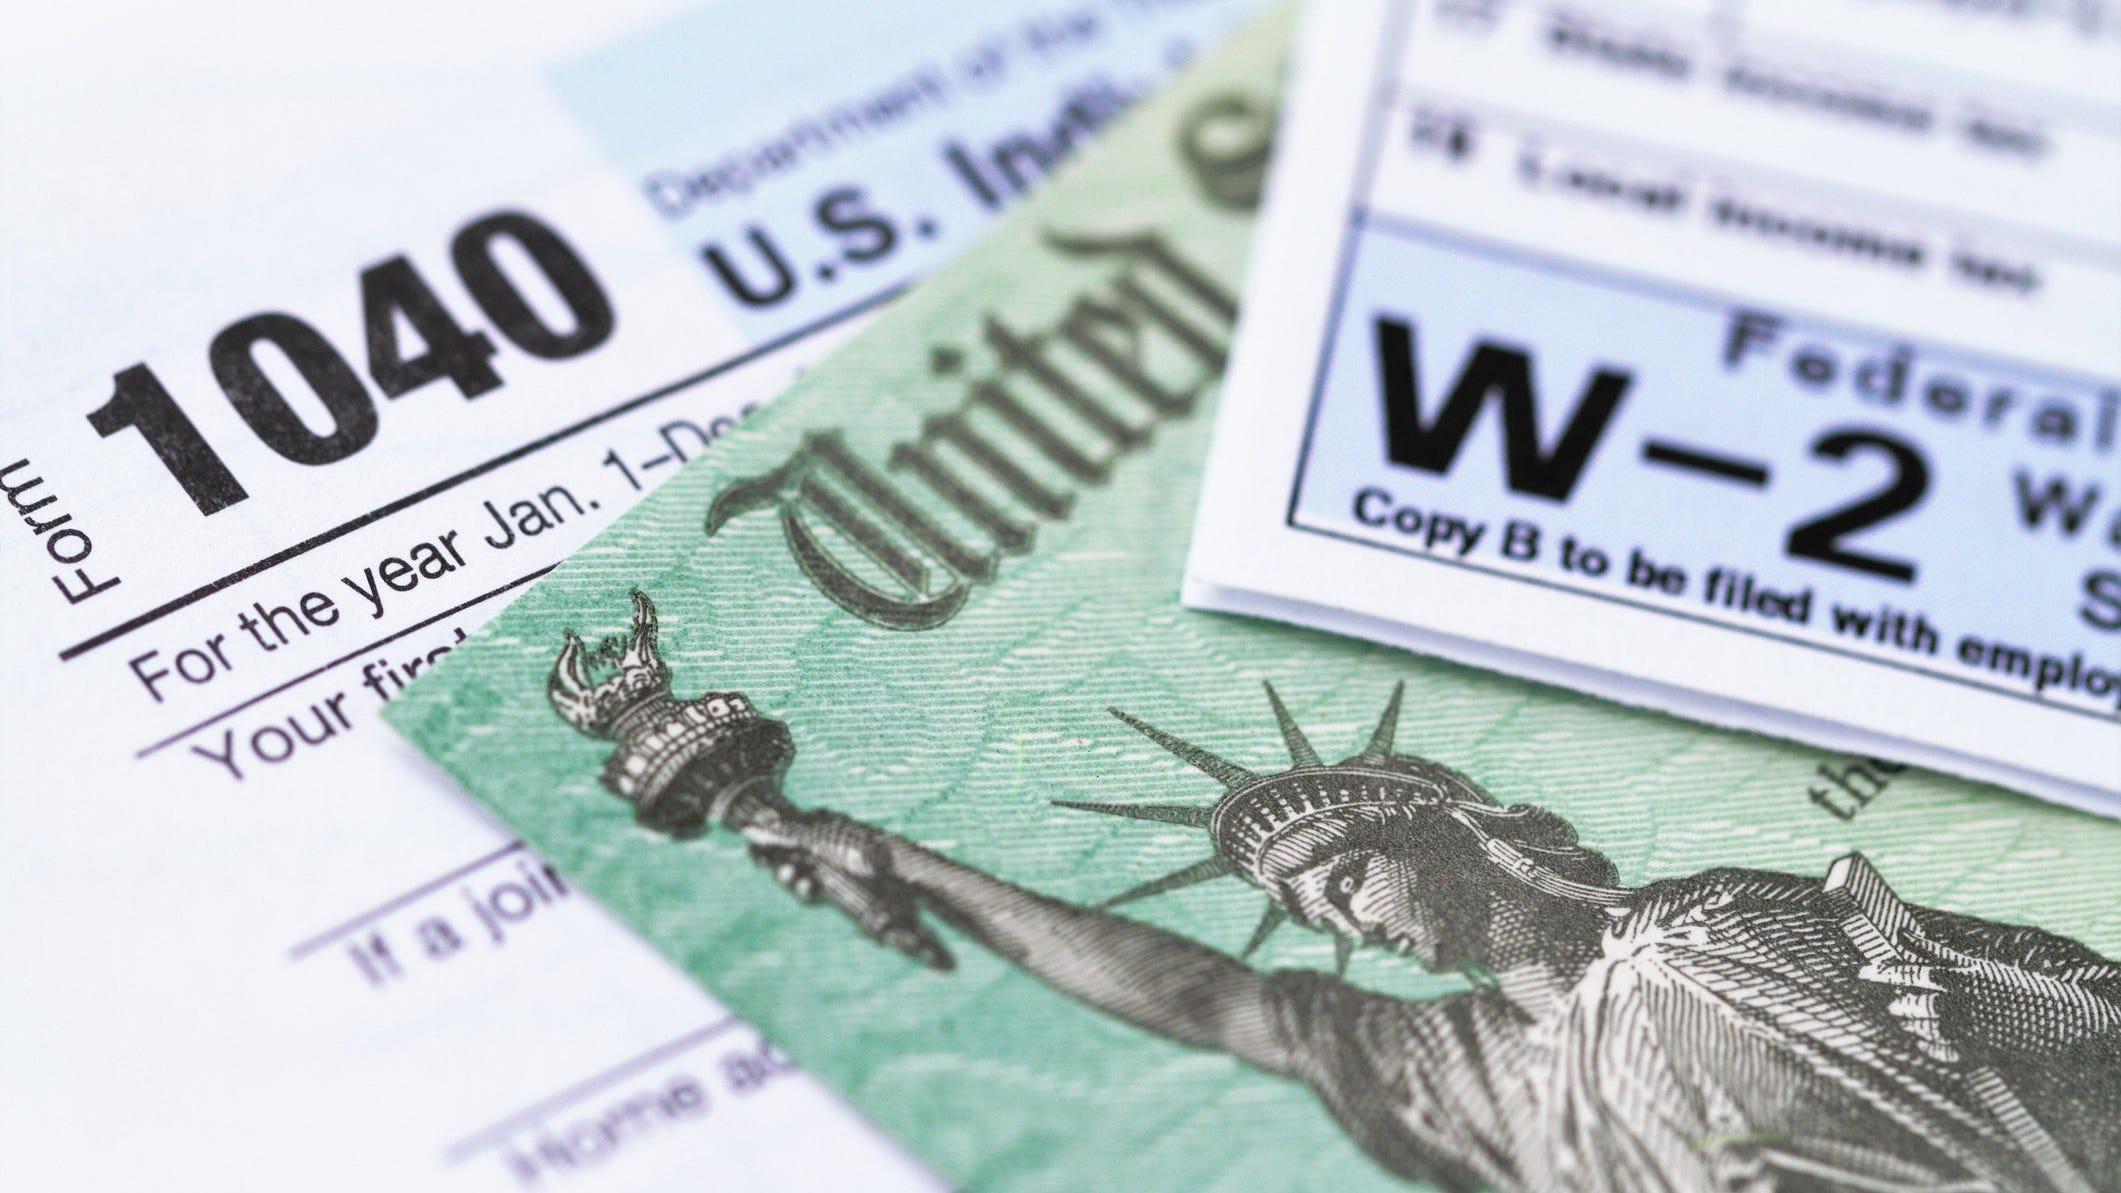 Refund 2021 tax schedule Unemployment tax